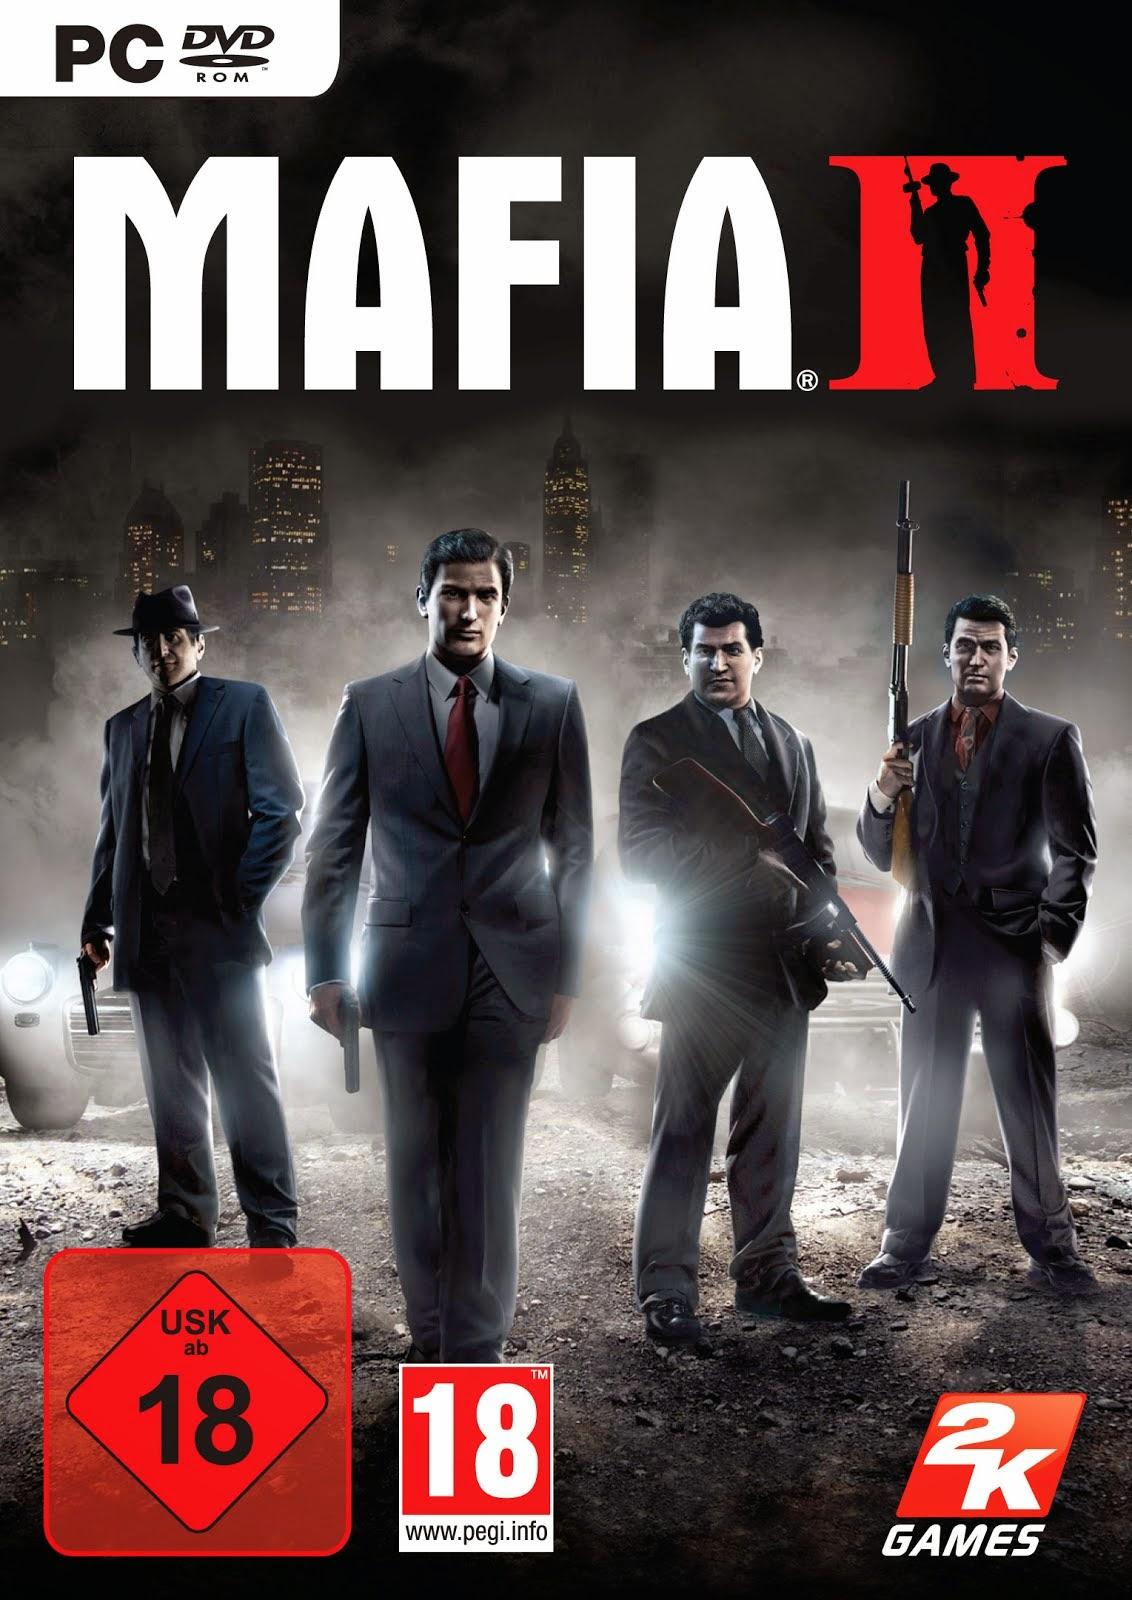 2. MAFIA II